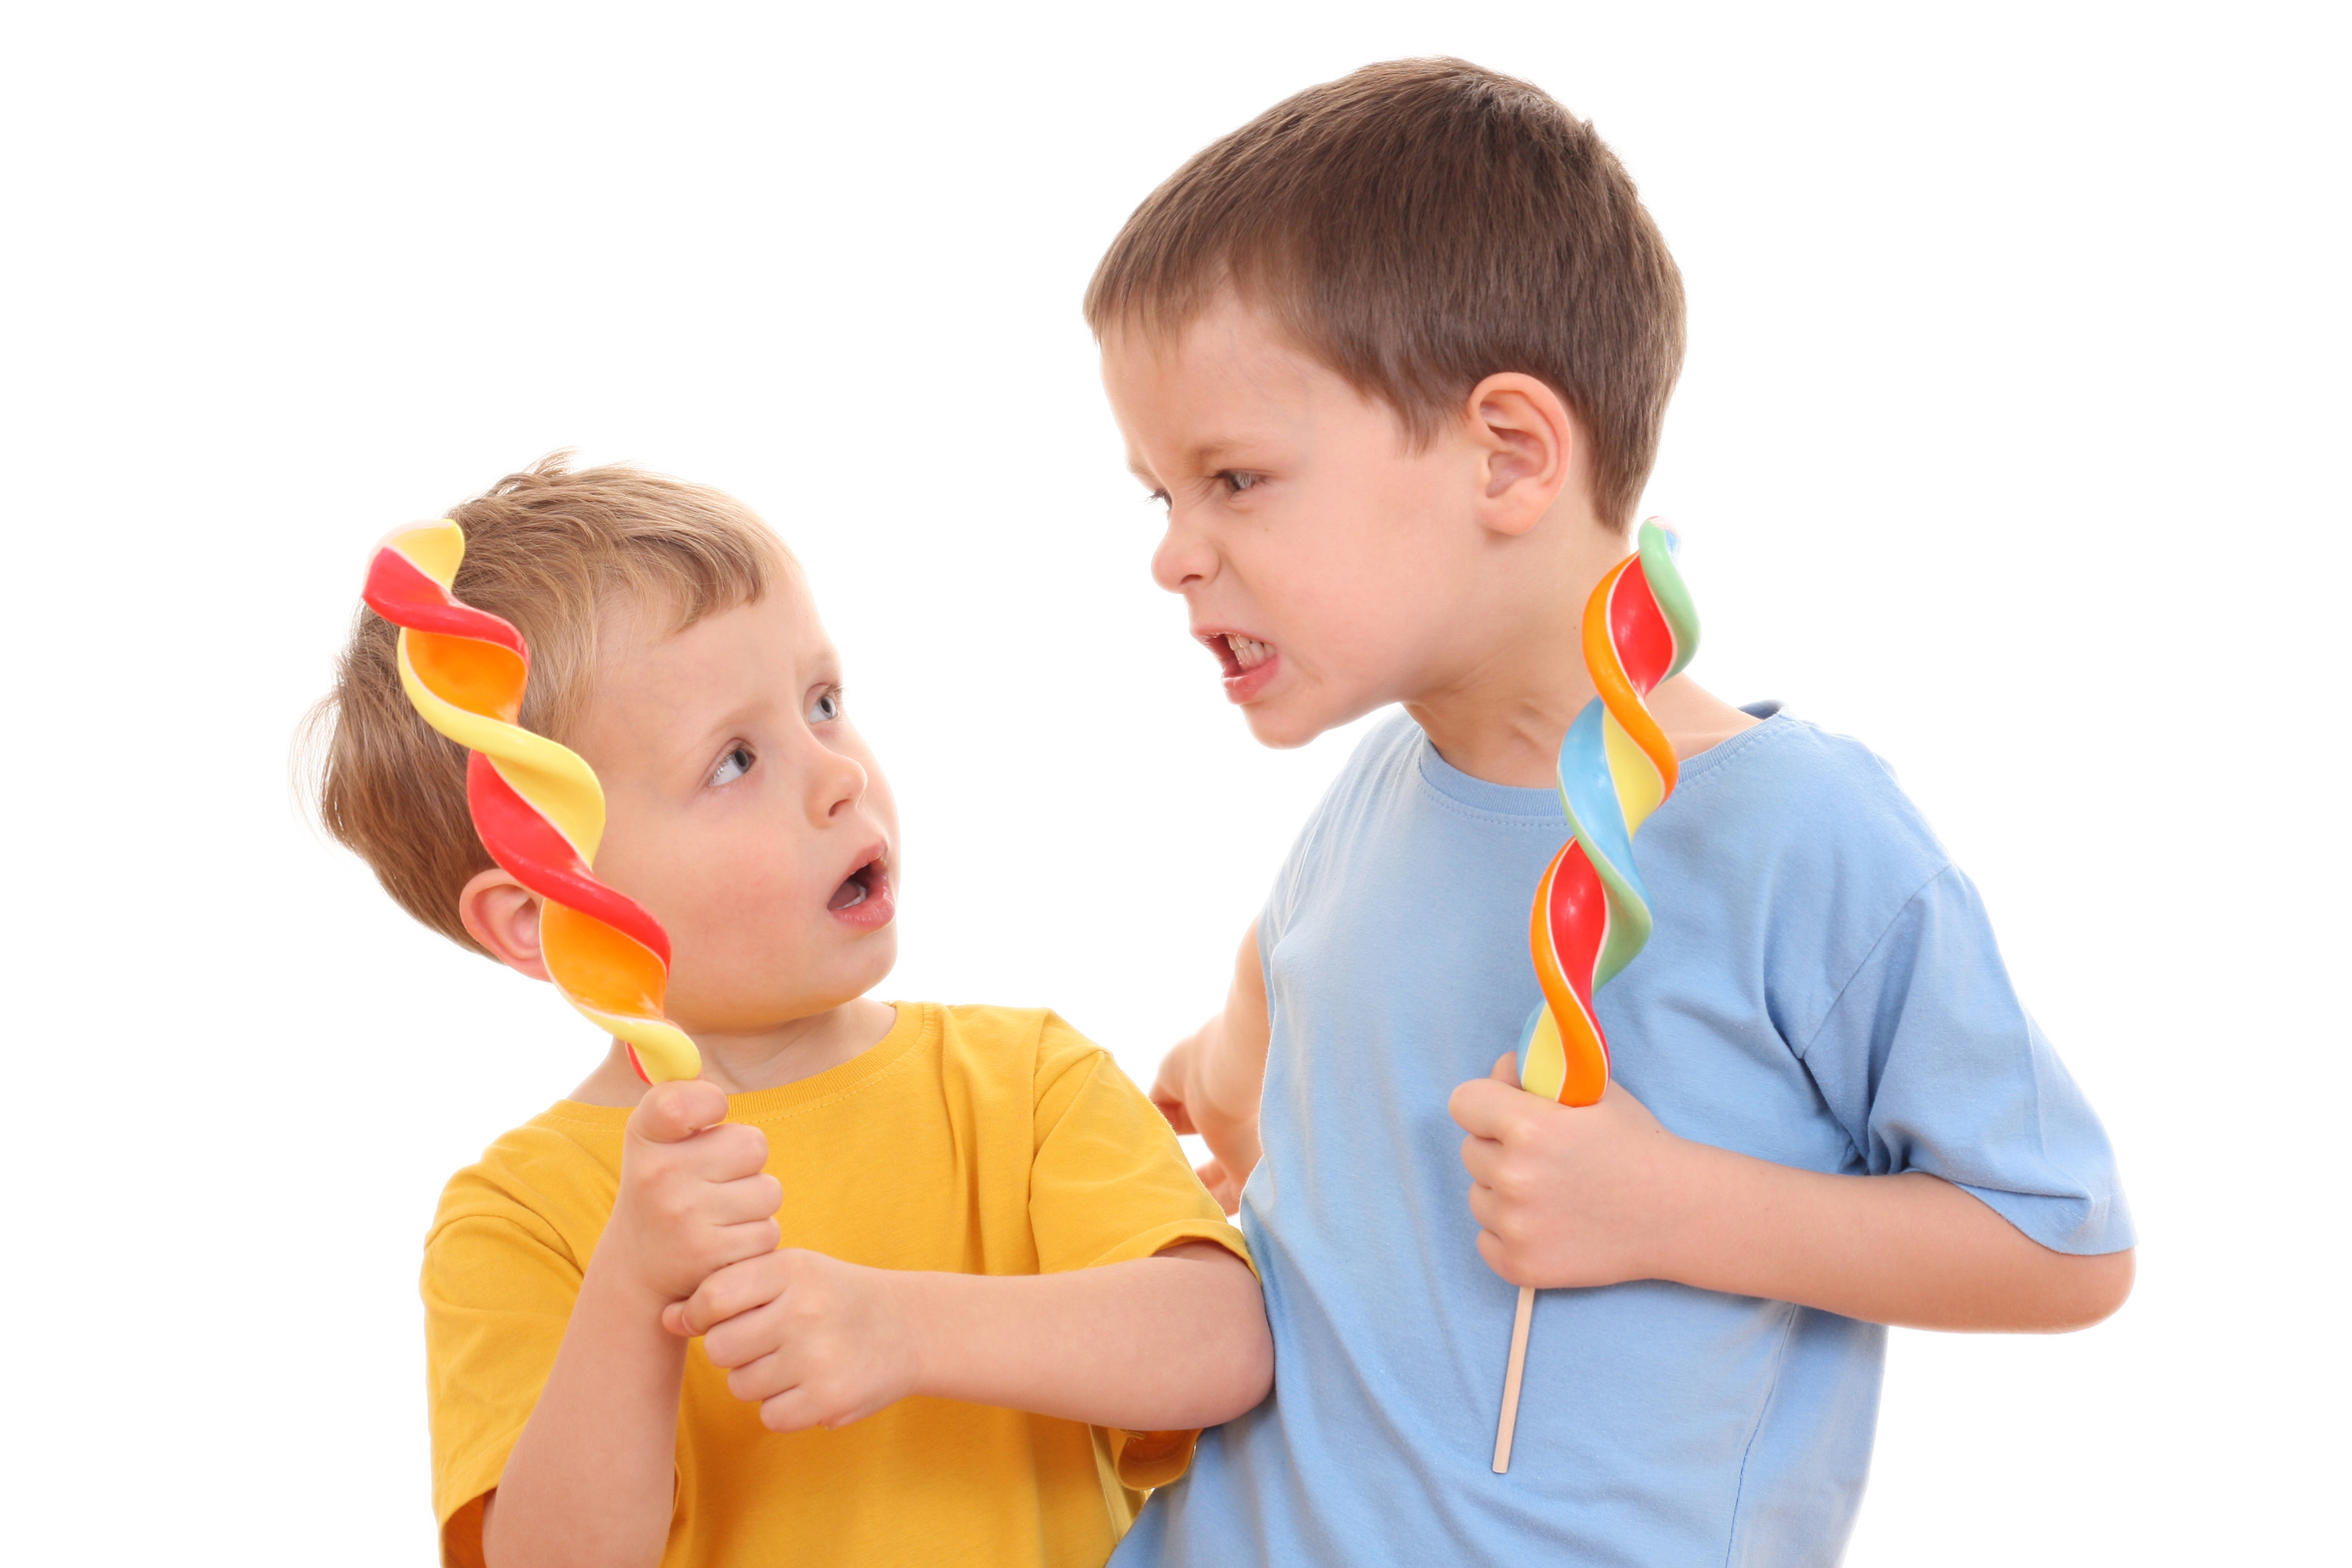 Почему ребенок дерется? Детская агрессия